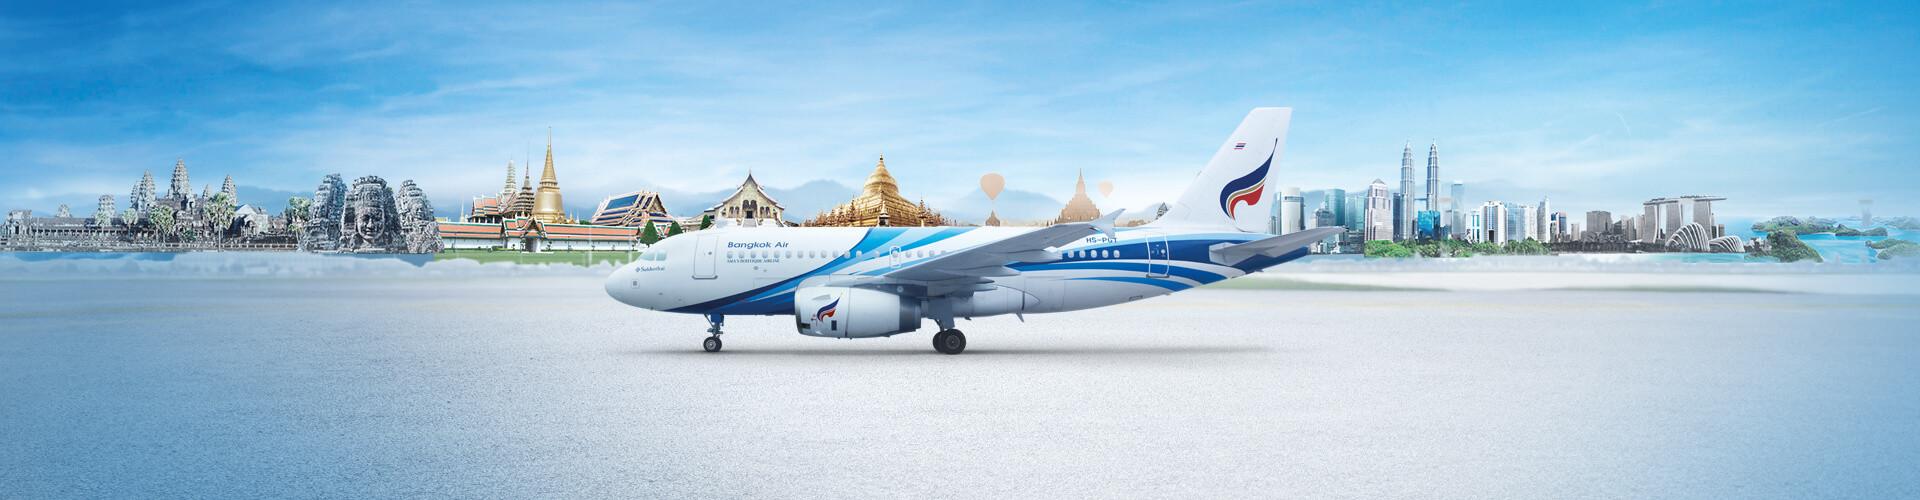 Bangkok Airways Airbus Banner